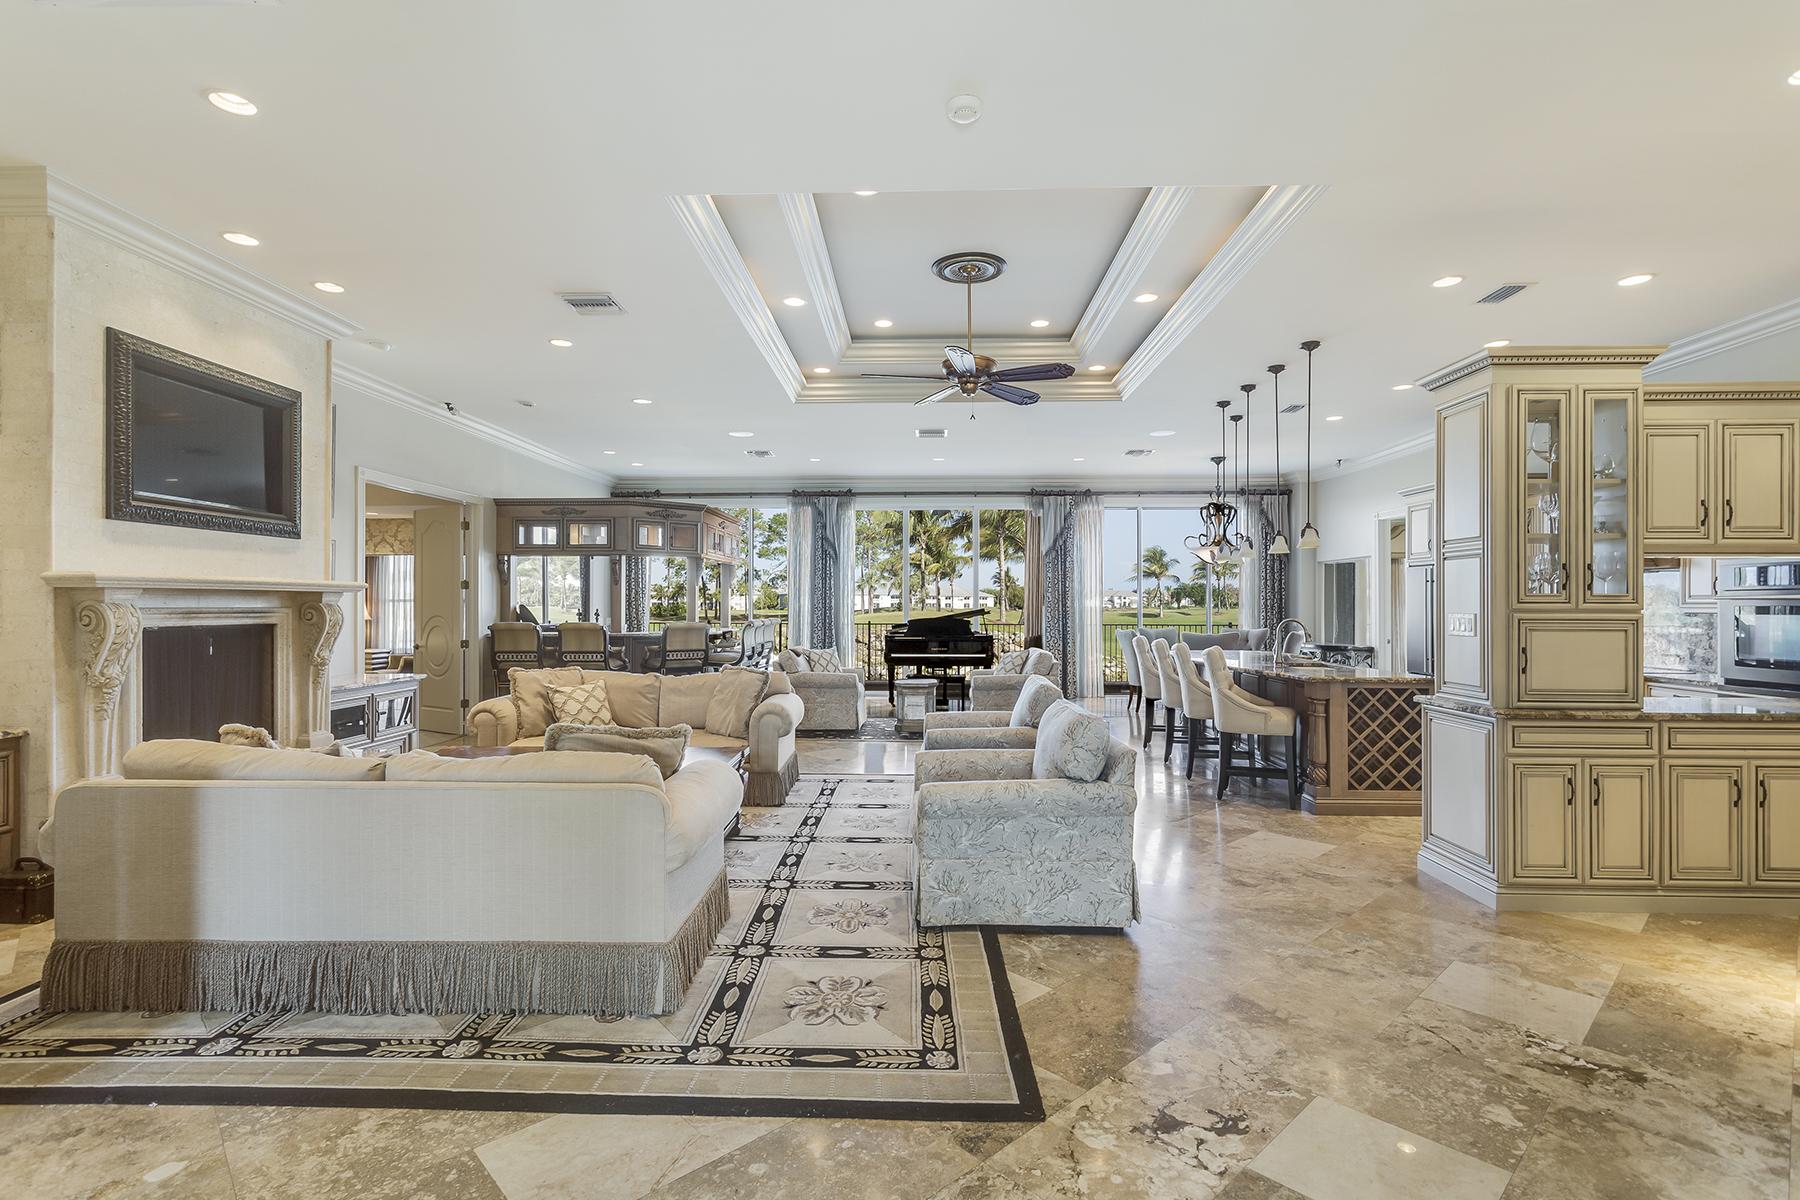 一戸建て のために 売買 アット LELY RESORT - TIGER ISLAND ESTATES 7944 Tiger Lily Dr Naples, フロリダ, 34113 アメリカ合衆国